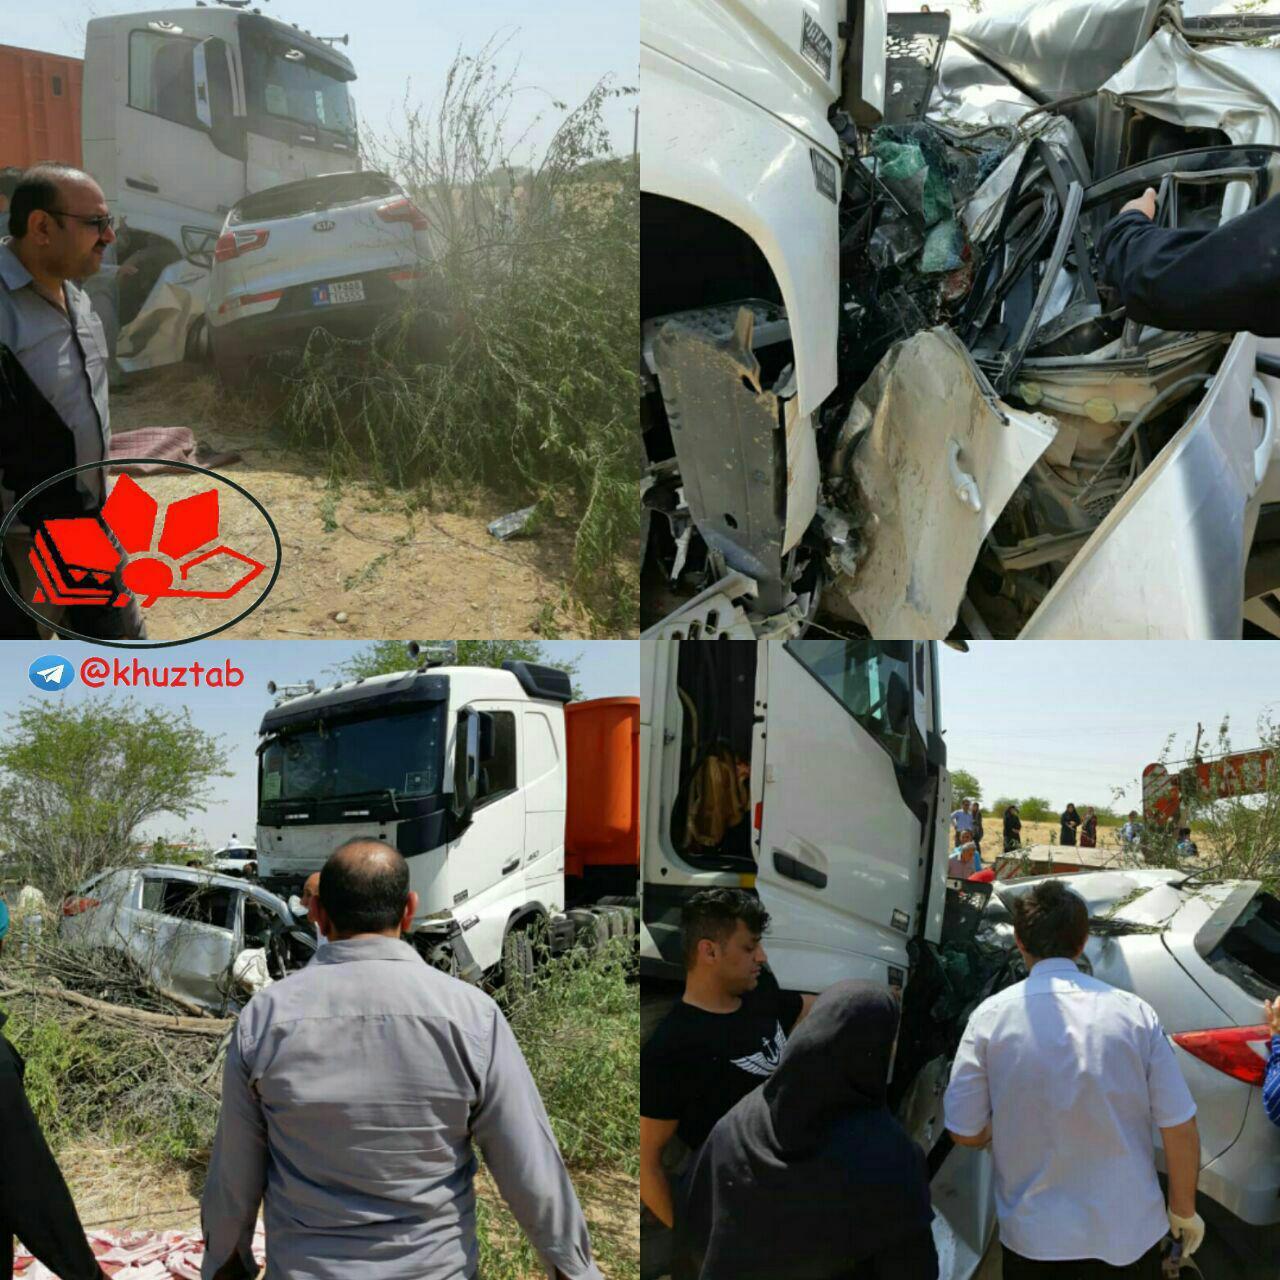 عکس کشته های امروز اهواز